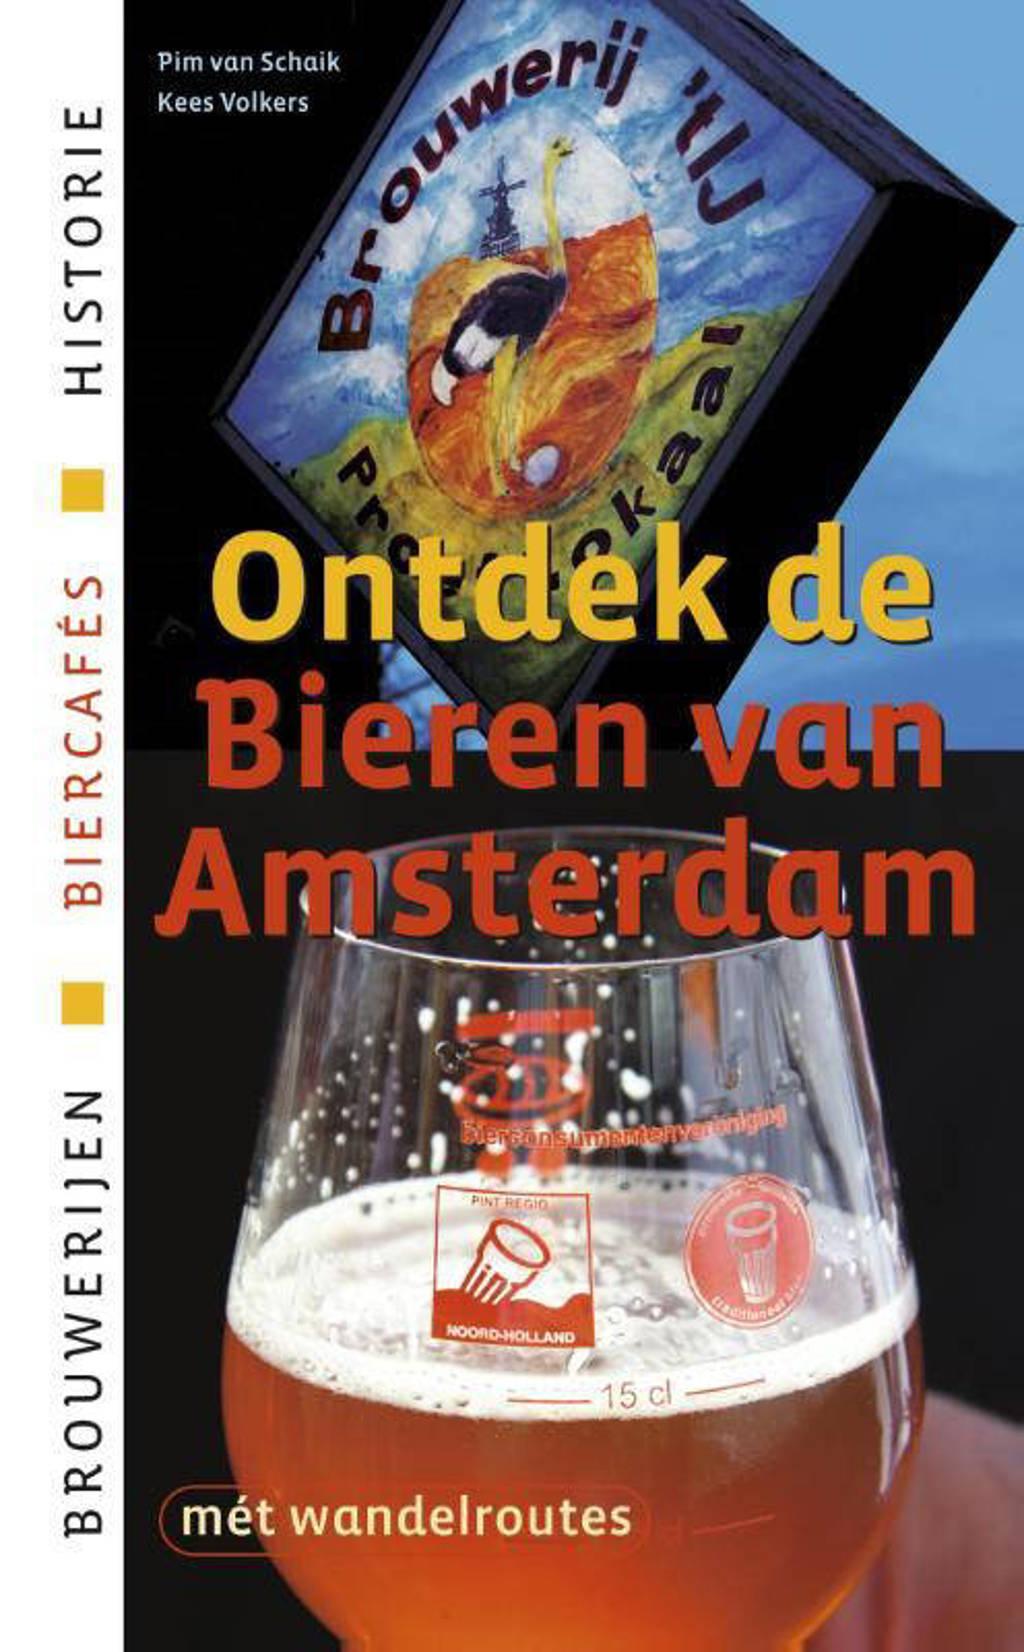 Ontdek de bieren van Amsterdam - Pim van Schaik en Kees Volkers